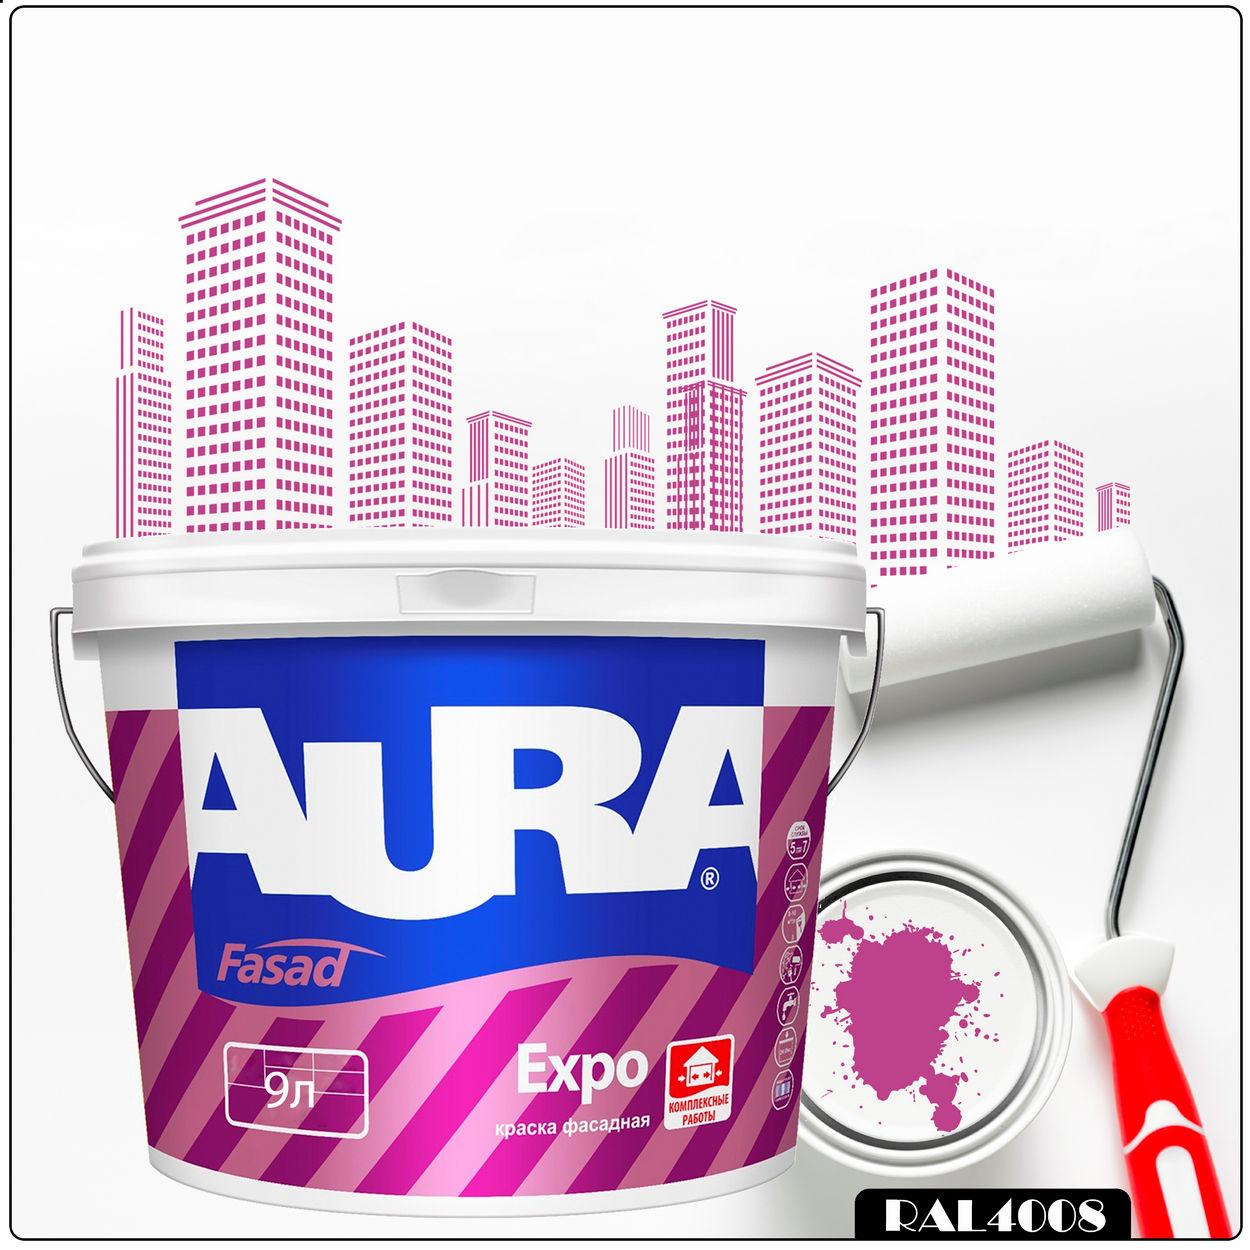 Фото 8 - Краска Aura Fasad Expo, RAL 4008 Сигнальный-фиолетовый, матовая, для фасадов и помещений с повышенной влажностью, 9л.